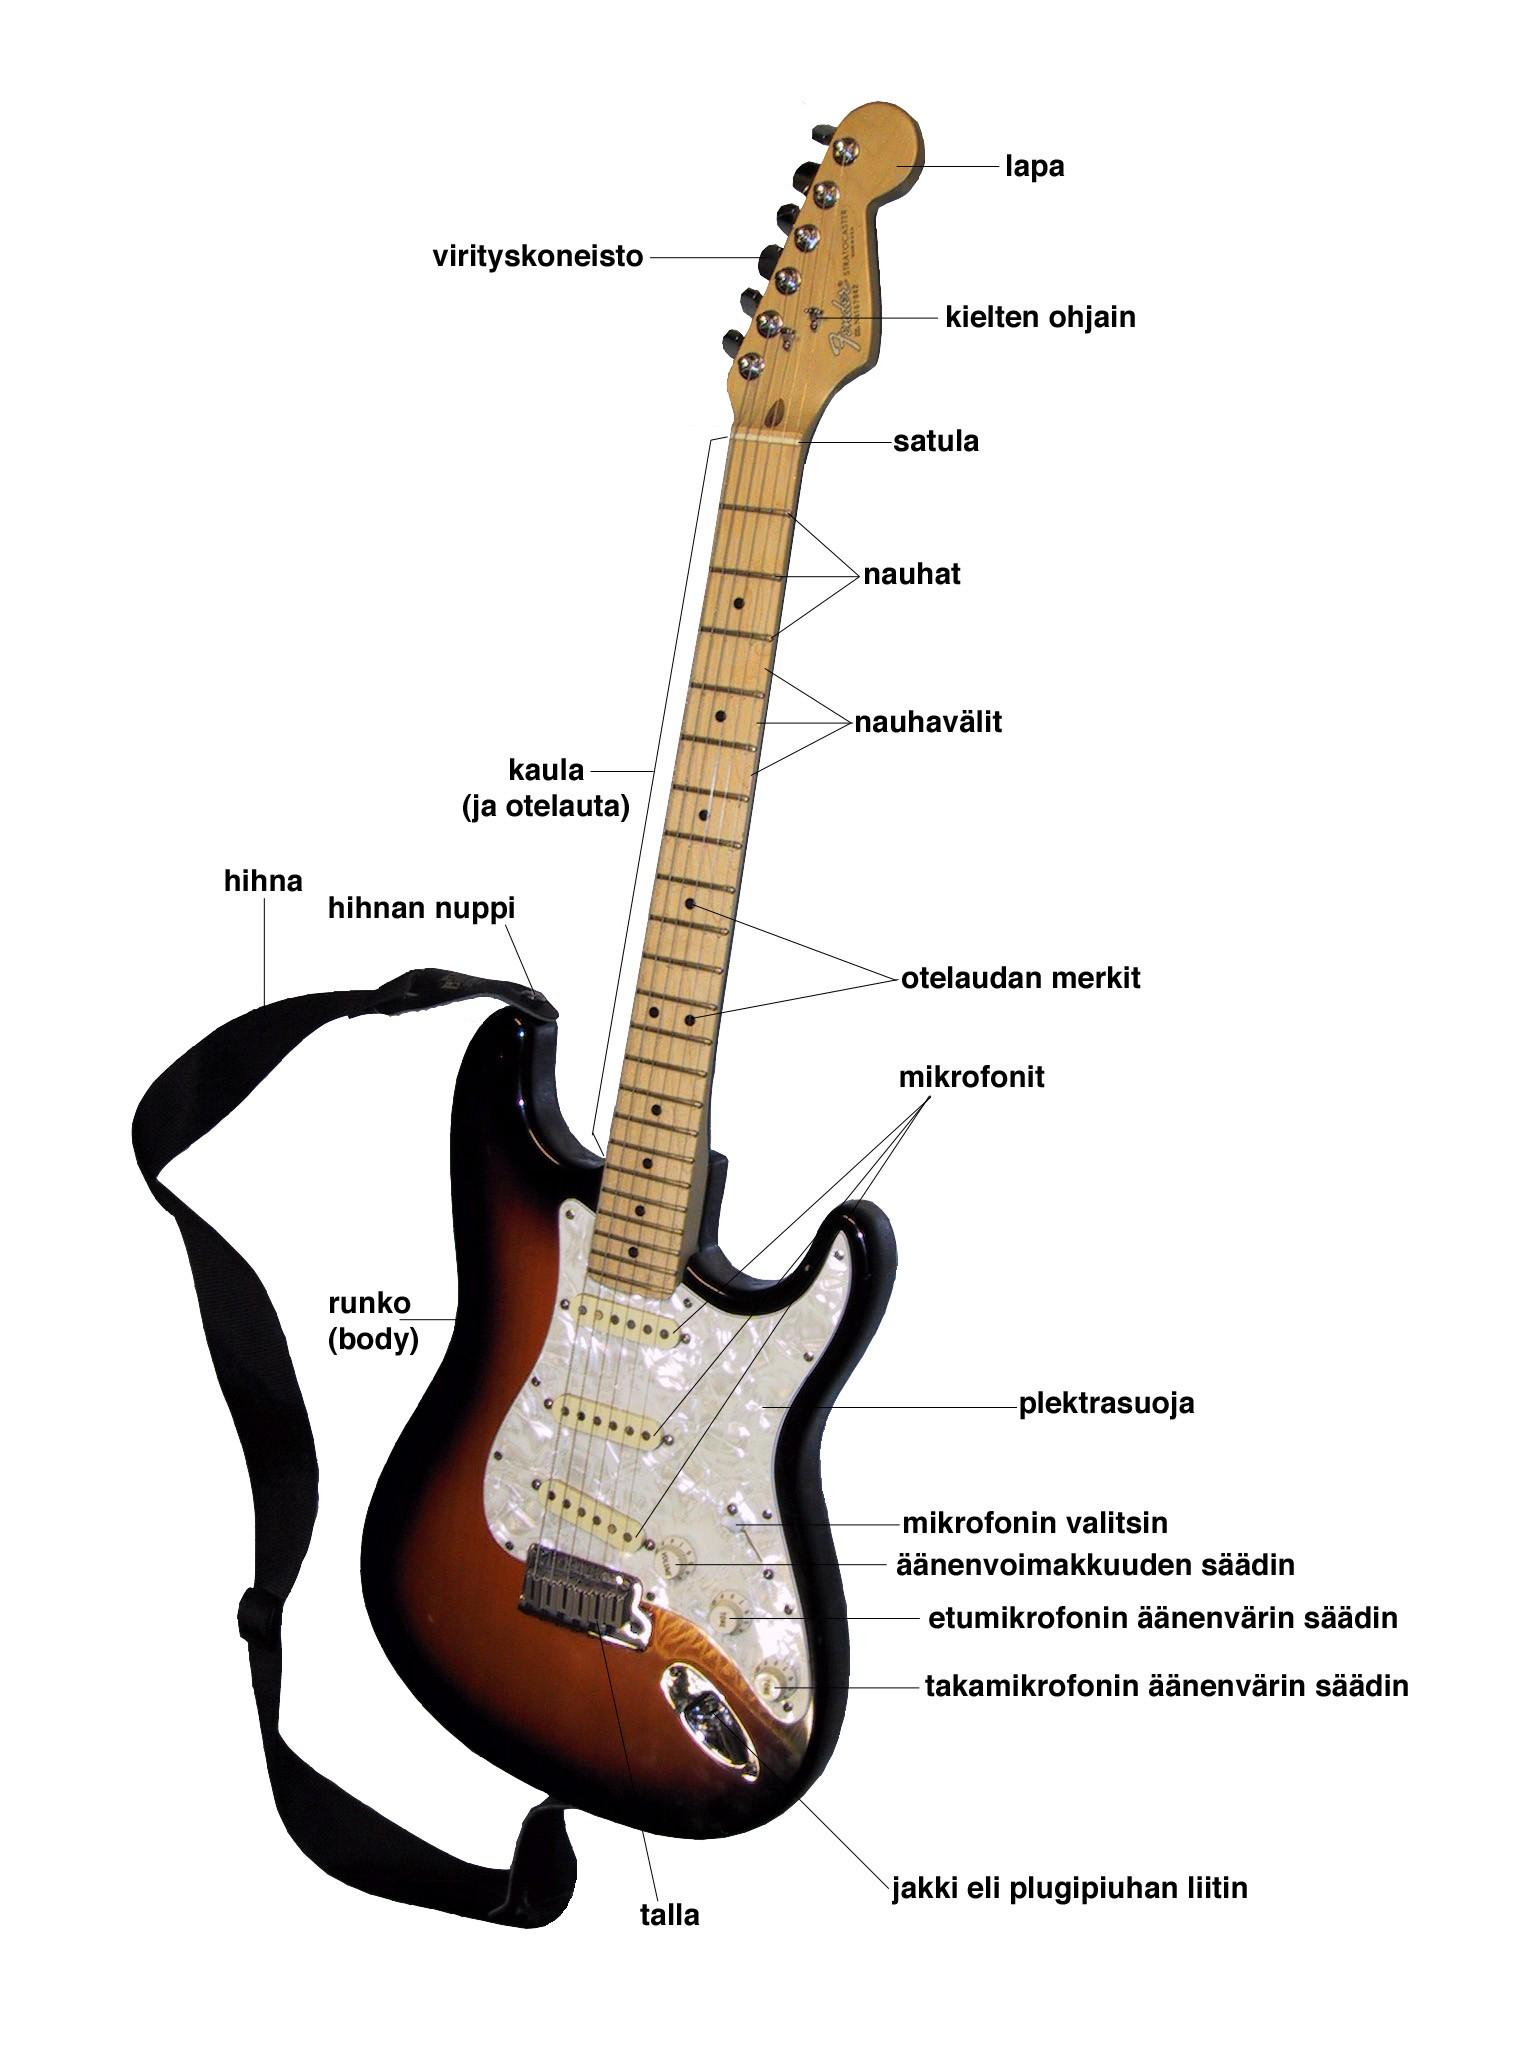 guitar parts diagram single phase submersible pump starter wiring acoustic electric sahkokitaran osat of